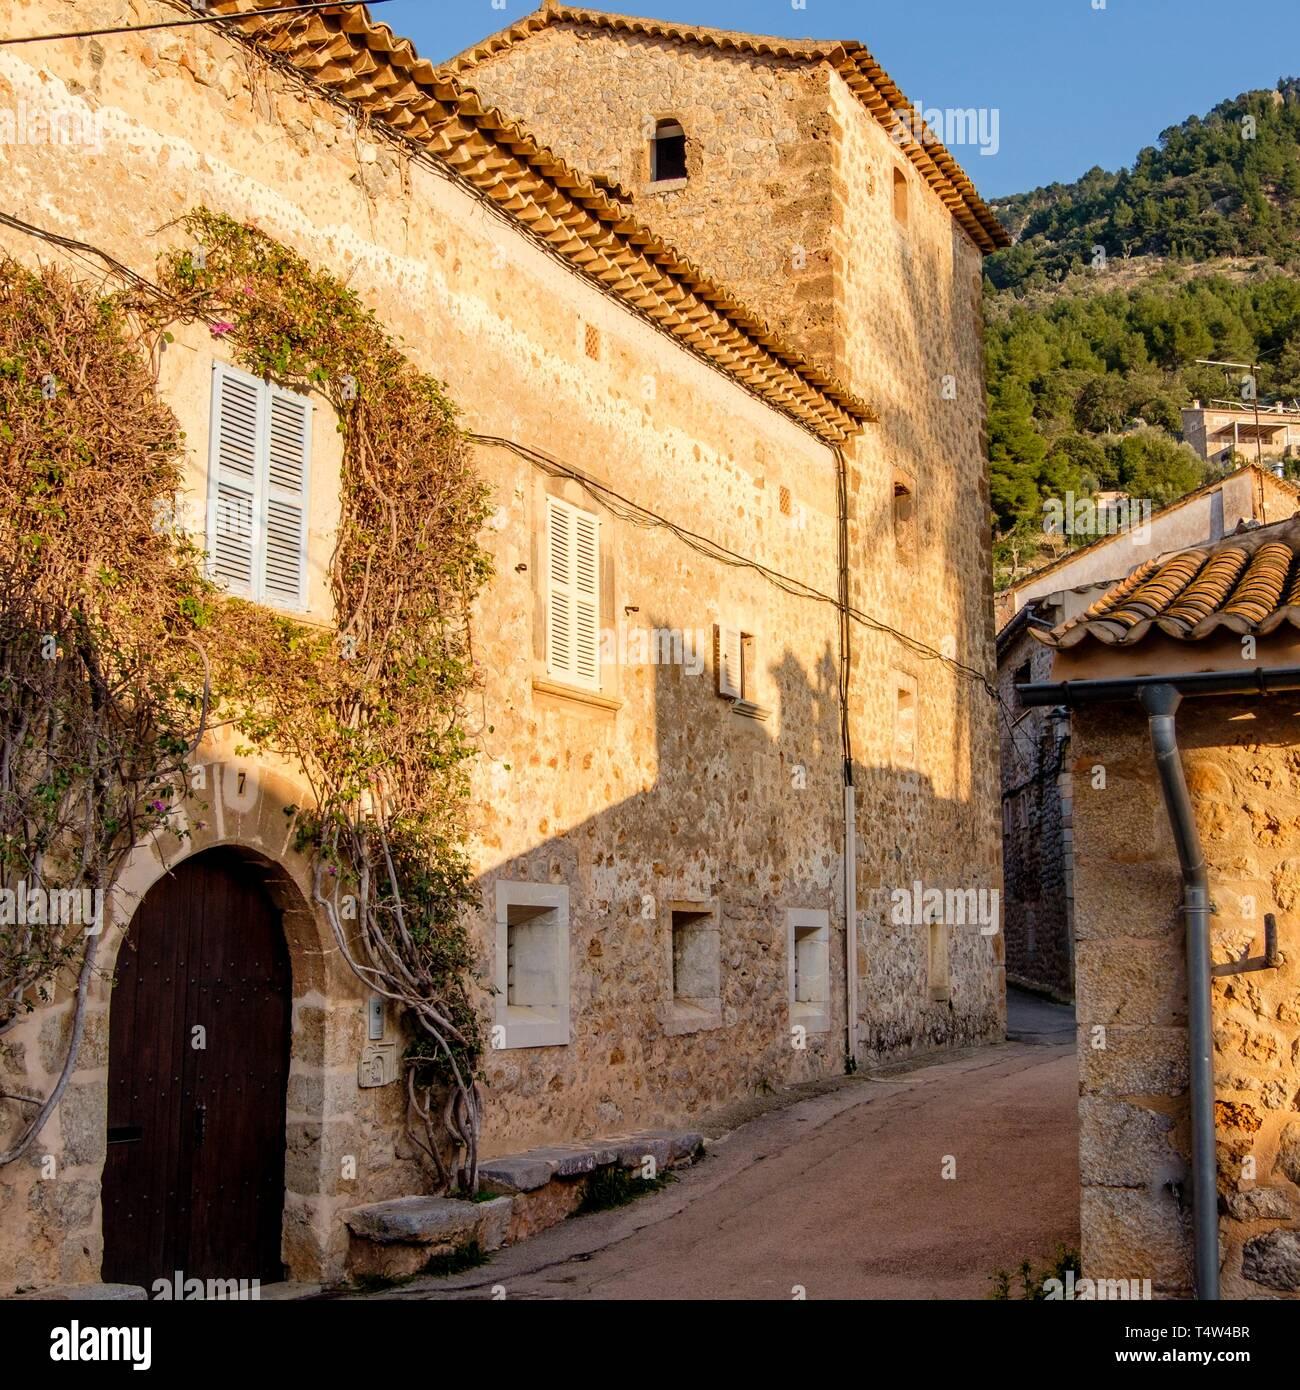 casa fortificada de Can Simó , Llucalcari, Deià, comarca de la Sierra de Tramontana, Mallorca, balearic islands, Spain. - Stock Image